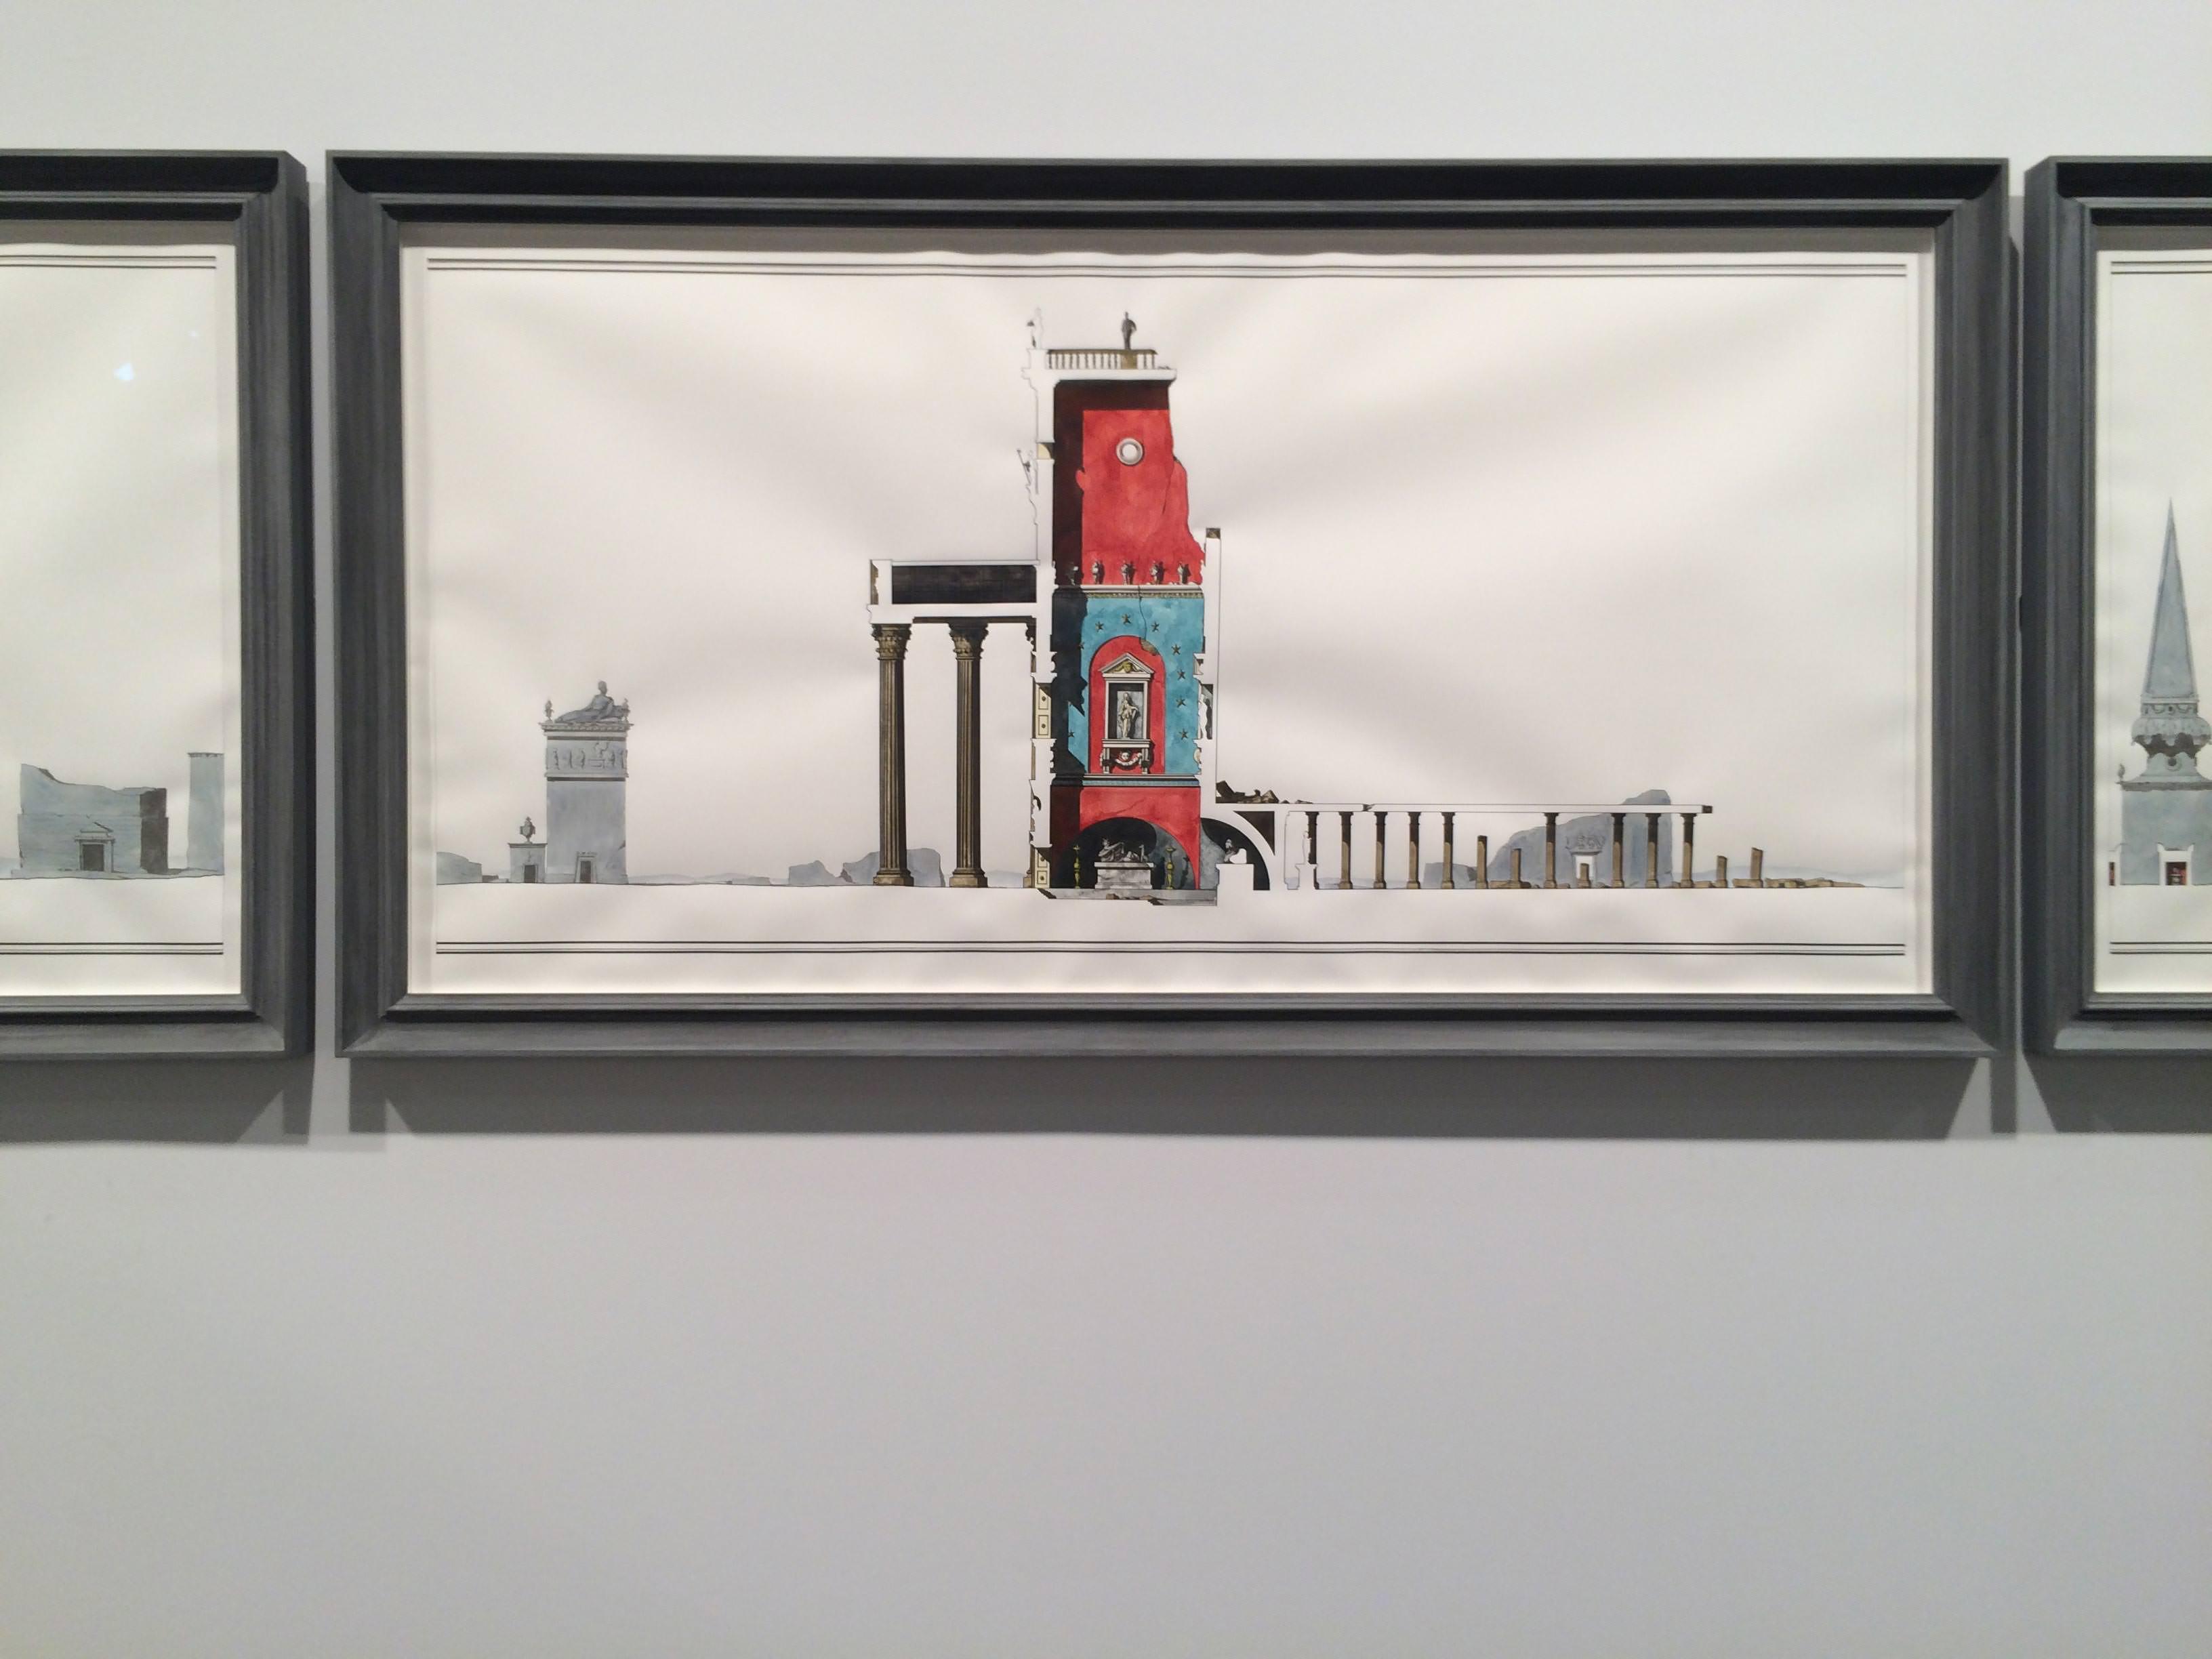 Cross Section of the Via Appia in Late Antiquity(2015) de Pablo Bronstein, galerieHerald St et Galleria Franco Noero.   UN SEUL MOT D'ORDRE : D.I.V.E.R.S.I.T.É  Bâle ne serait pas la foire incontournable qu'elle est si elle ne suivait pas les grandes modes de l'art contemporain. Et la mode, aujourd'hui, tient un mot: DIVERSITÉ. Du nouvel accrochage de la Tate Modern à Londres (révélé au même moment qu'Art Basel) aux engagements des plus grands musées américains, l'affaire est entendue: il faut plus femmes, plus d'artistes non-occidentaux, plus de vidéos, plus de performances, plus de plus. Il était temps! La Chine évidemment (Cheng Rande Mongolie intérieure par exemple), l'Inde (Mithu SenouPrabhavathi Meppayil), le Brésil (Paulo Nazareth), le Mexique (Rafael Lozano-HemmeretKrzysztof Wodiczko)…